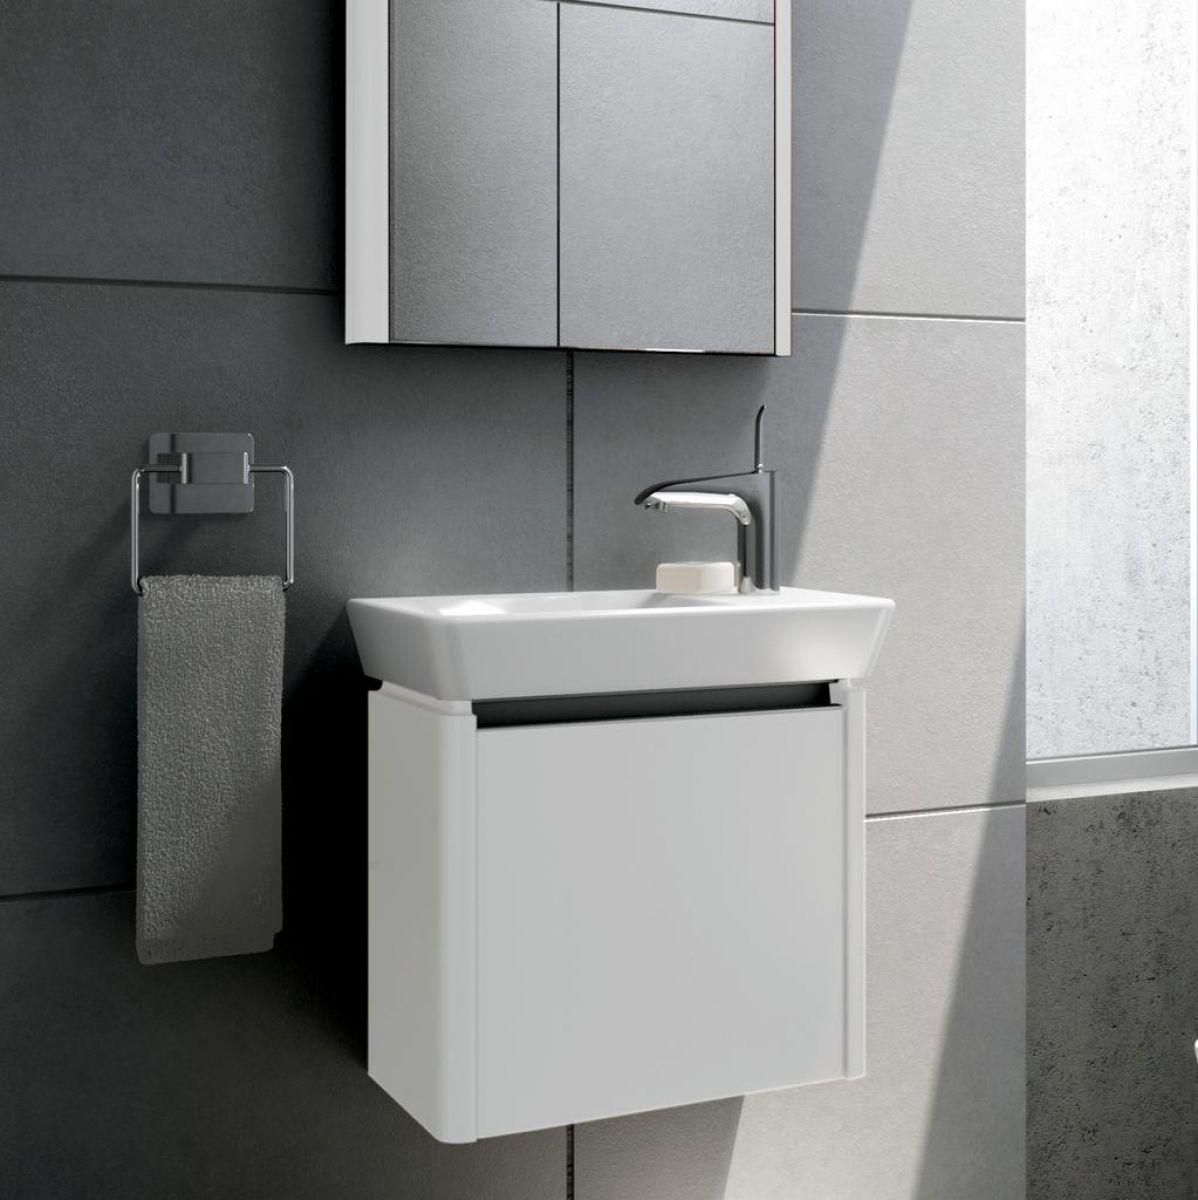 vitra t4 compact cloakroom vanity unit IAITUQF